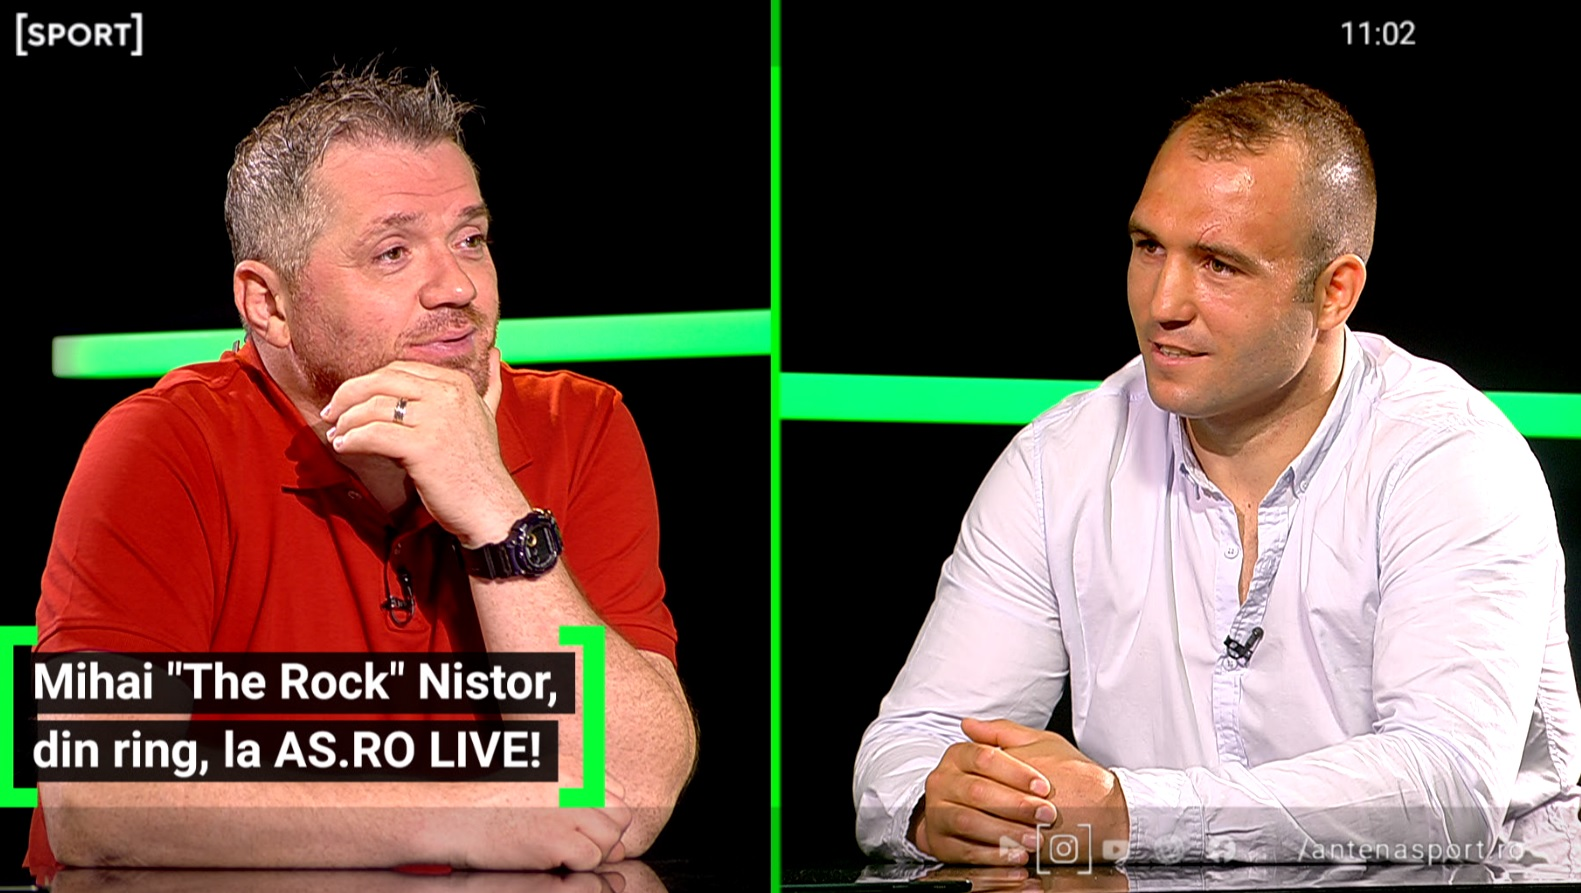 Mihai Nistor a fost invitat la AS.ro LIVE